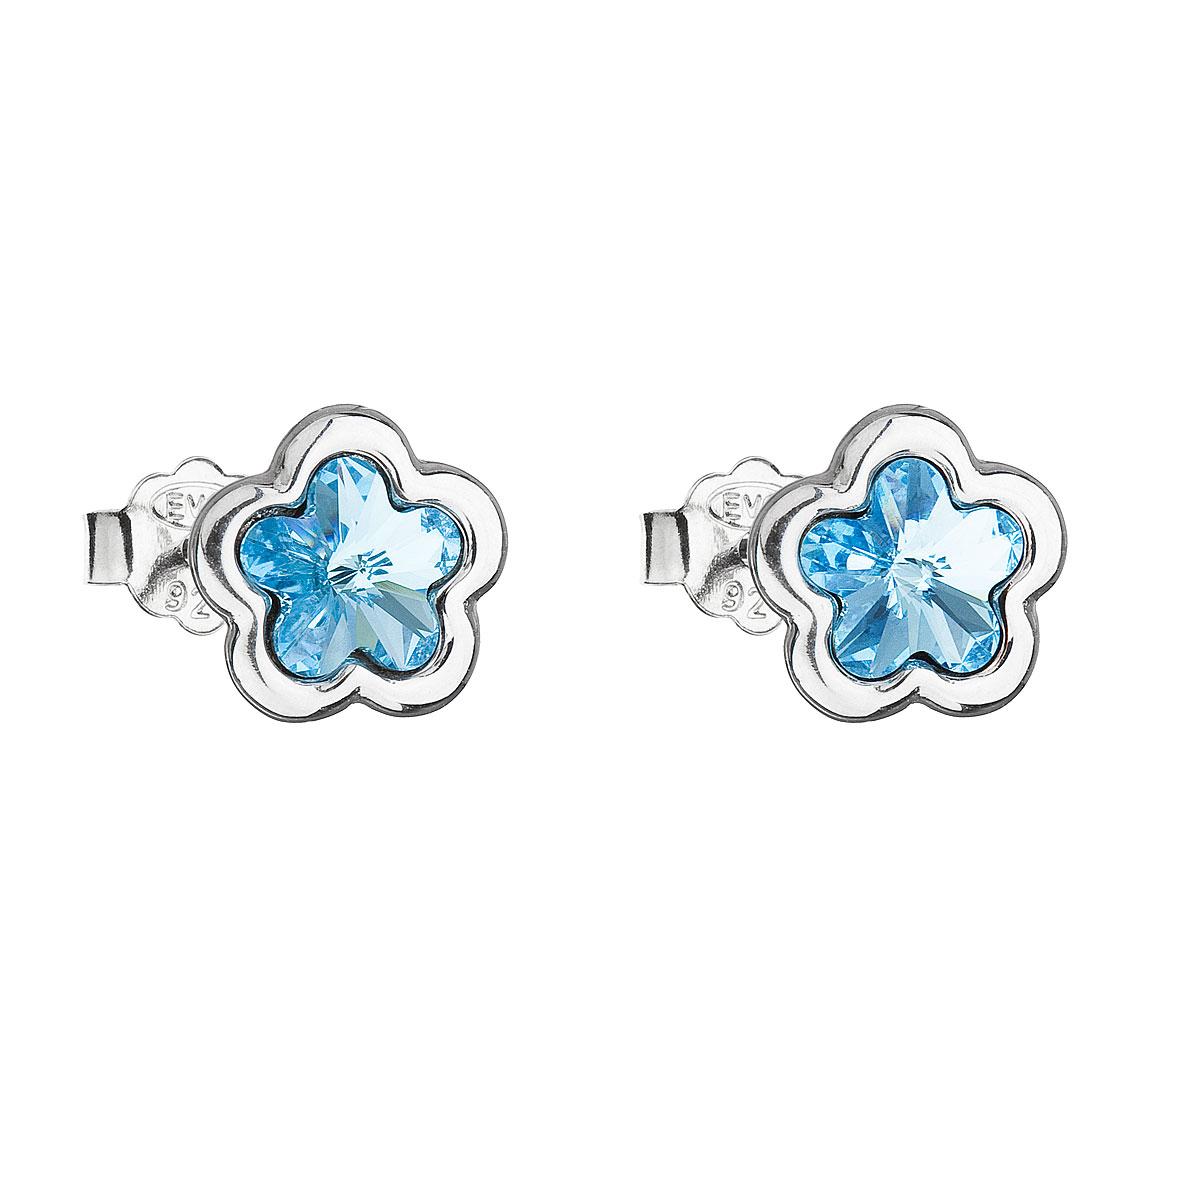 Strieborné náušnice perlička s krištálmi Swarovski modrá kytička 31255.3